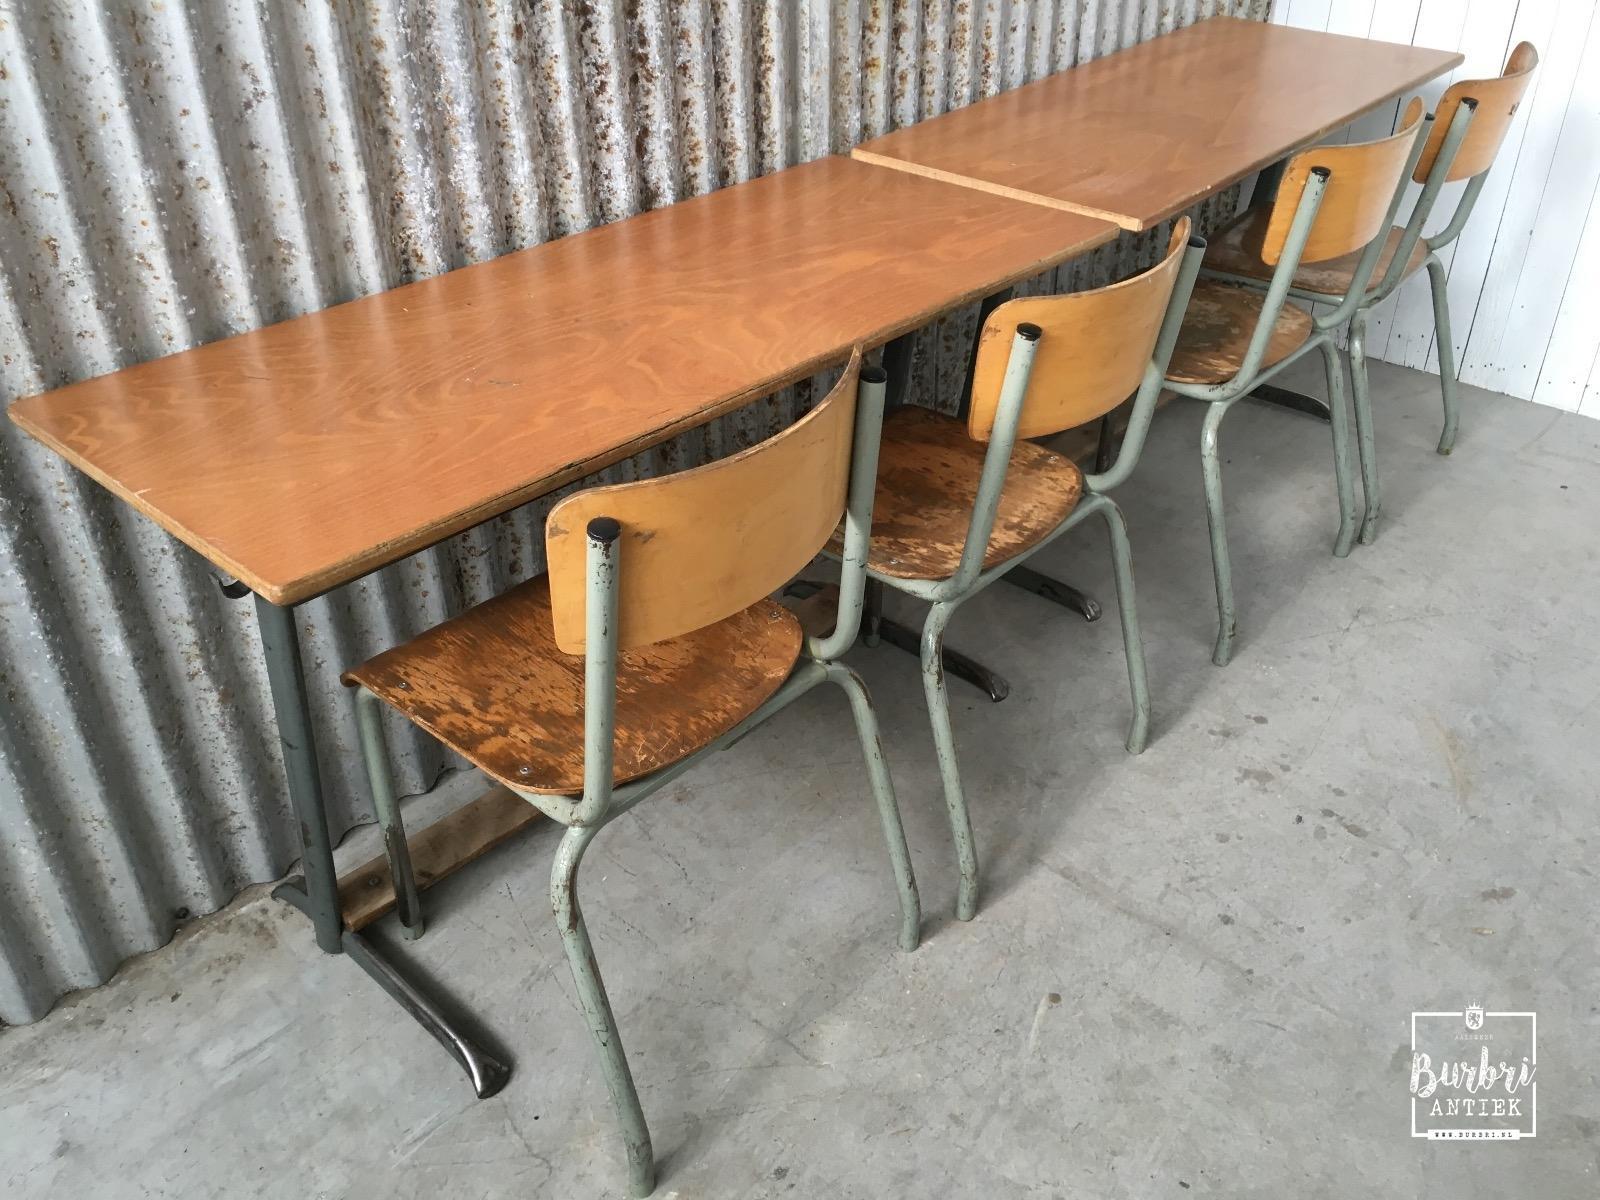 More industrial old vintage desk tubax table werkbanken